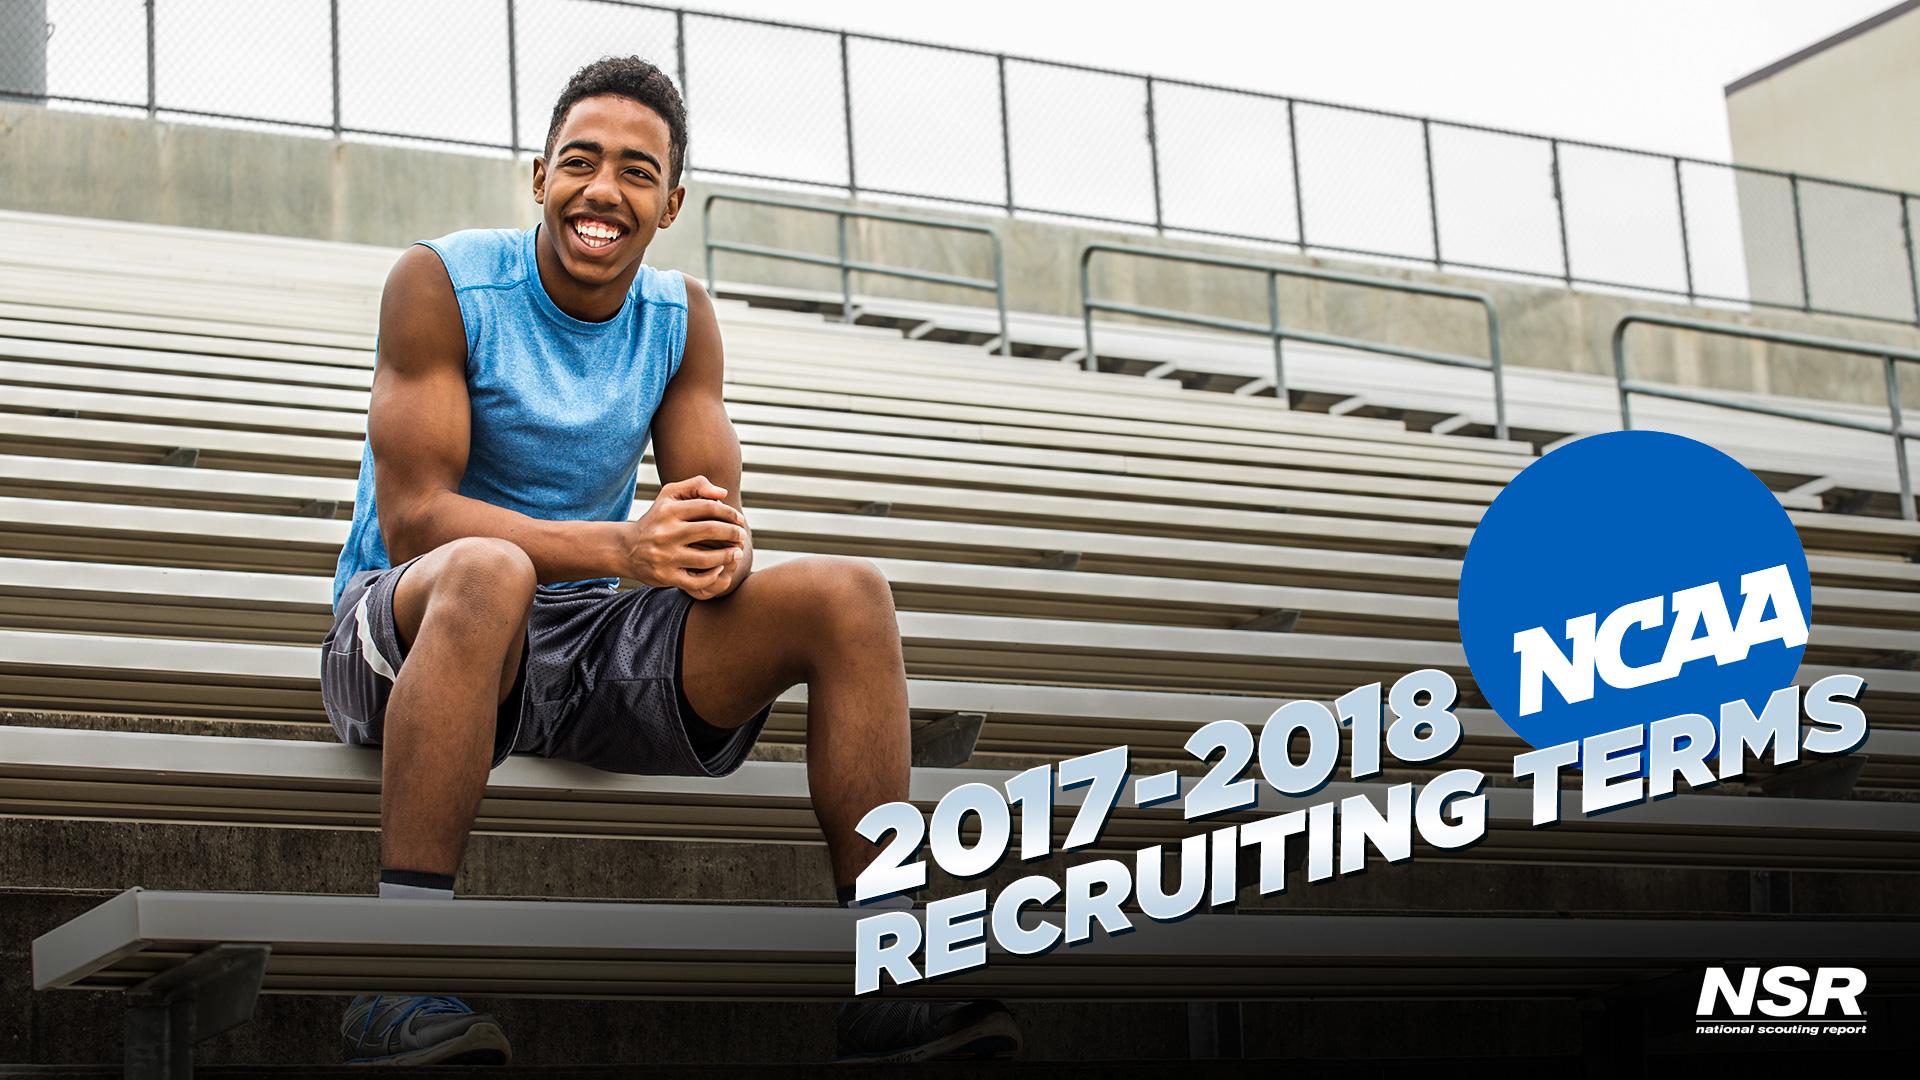 NCAA Recruiting Terms